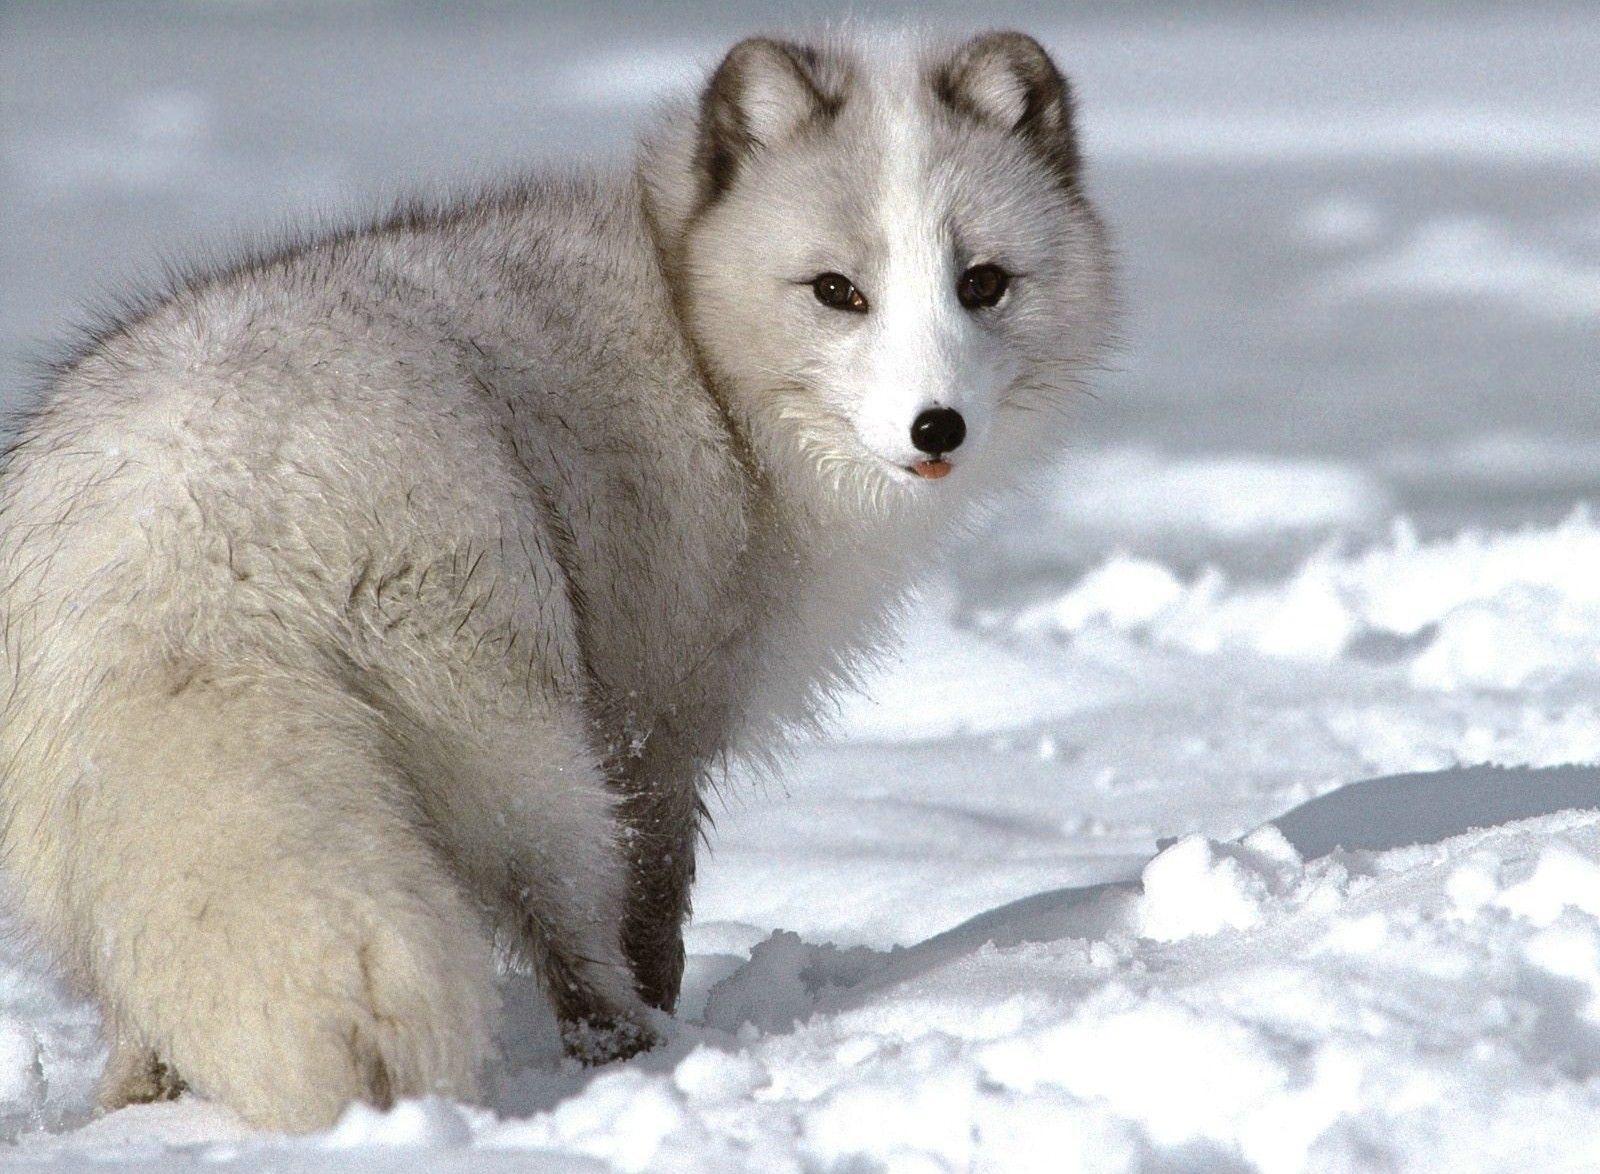 cute+animals Cute Animals Arctic Foxes Arctic animals